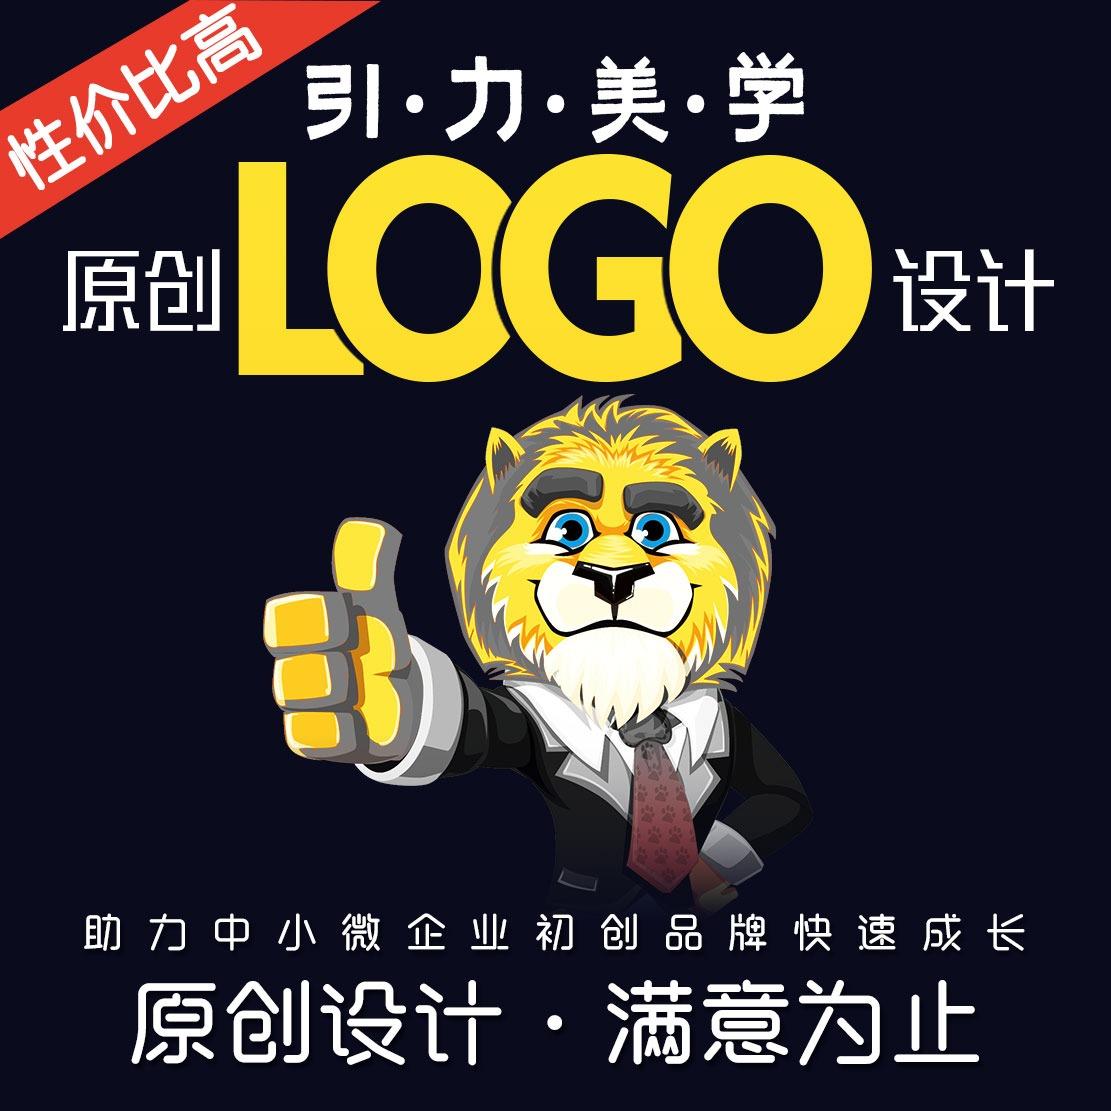 餐饮建筑企业公司互联网教育培训酒店美妆服装图文LOGO设计